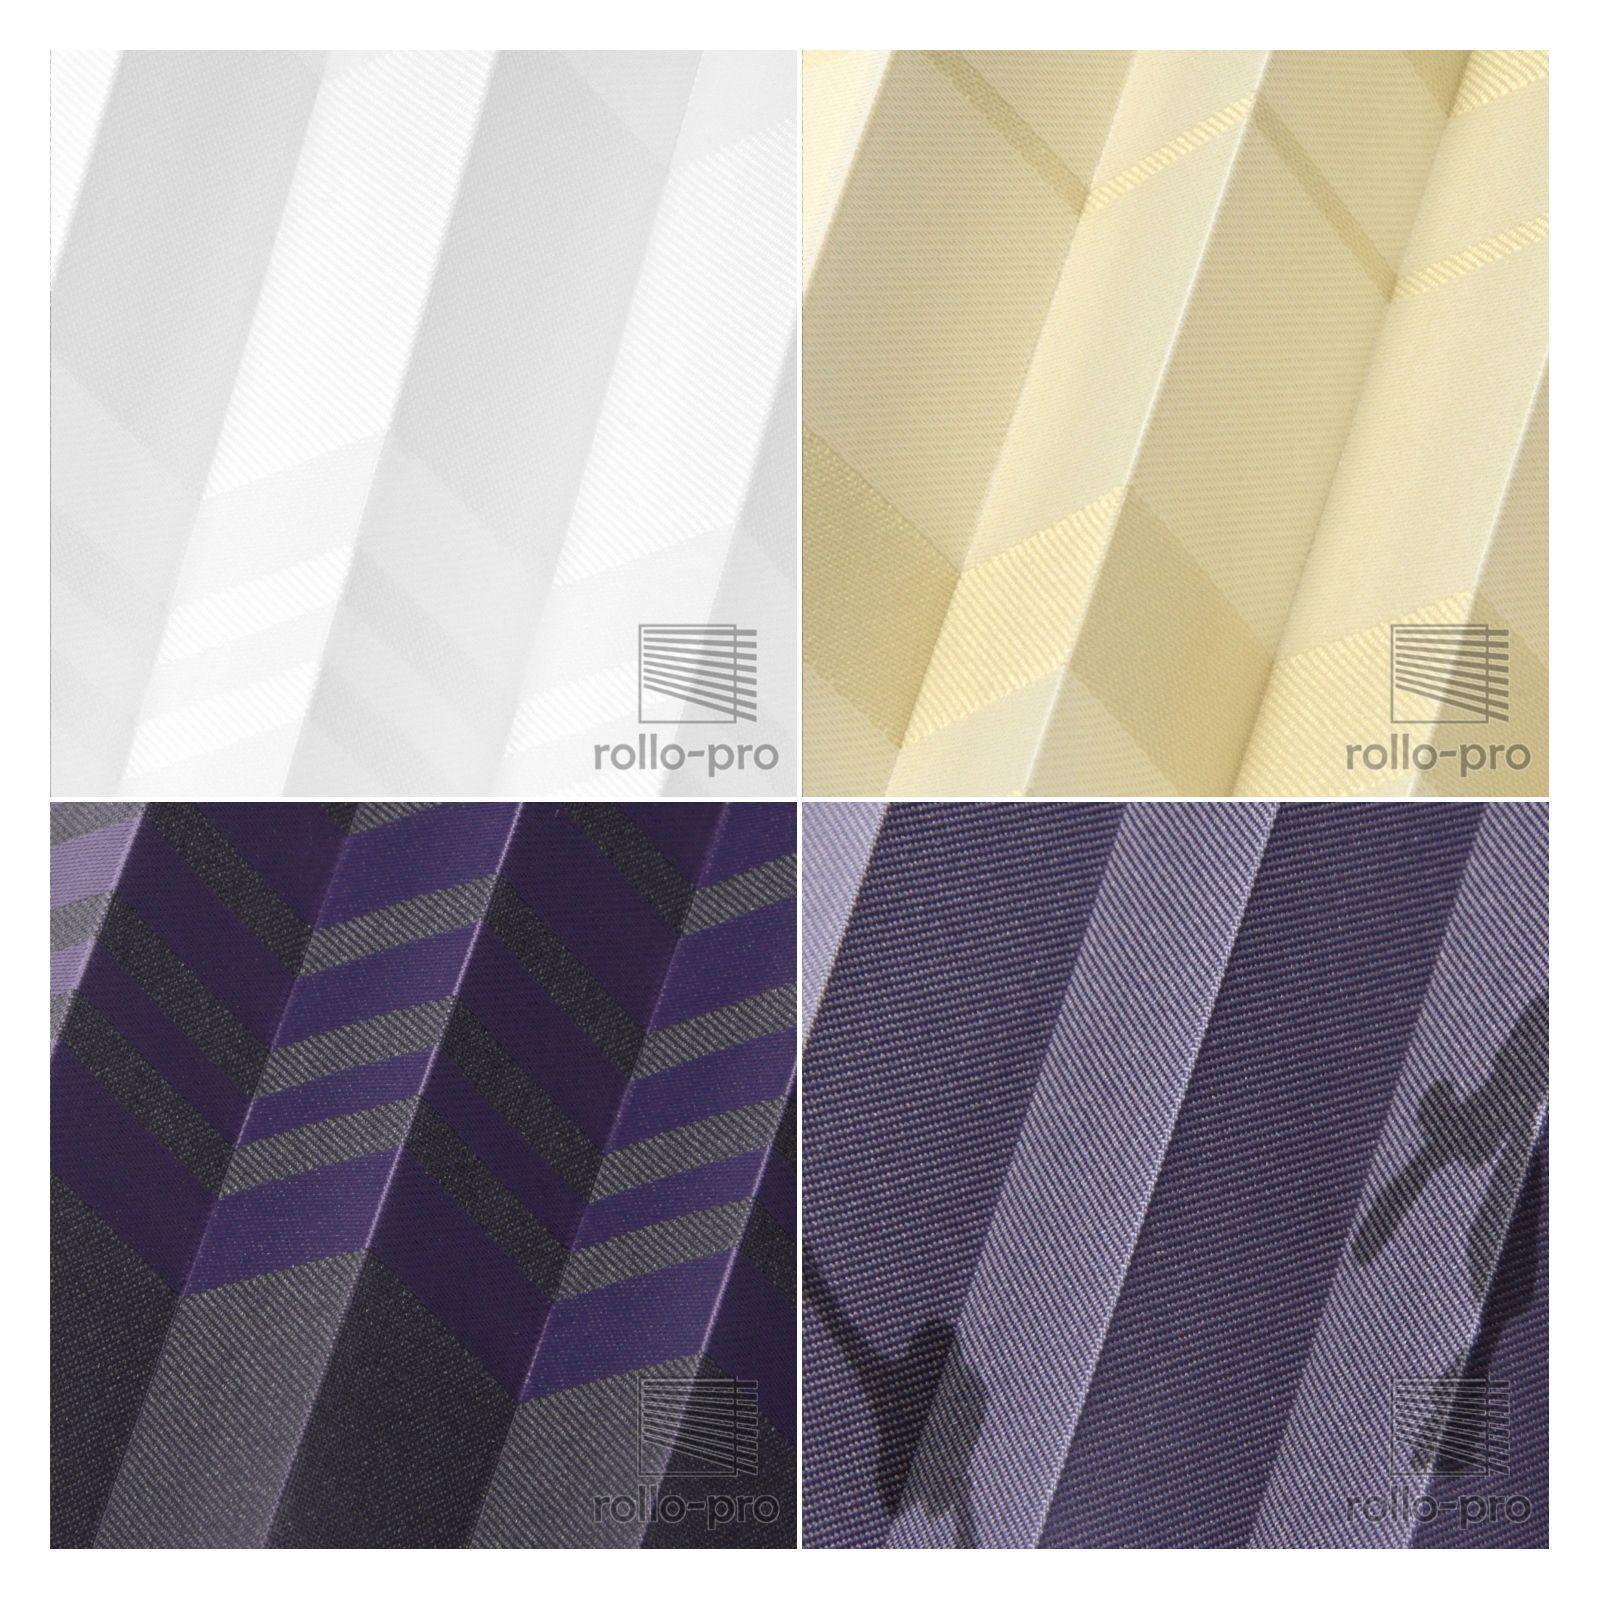 Plissé sur mesure ☆ faltrollo sans percer Klemmfix ☆ Designo profil ☆ profil Designo noir NEUF! 07e447